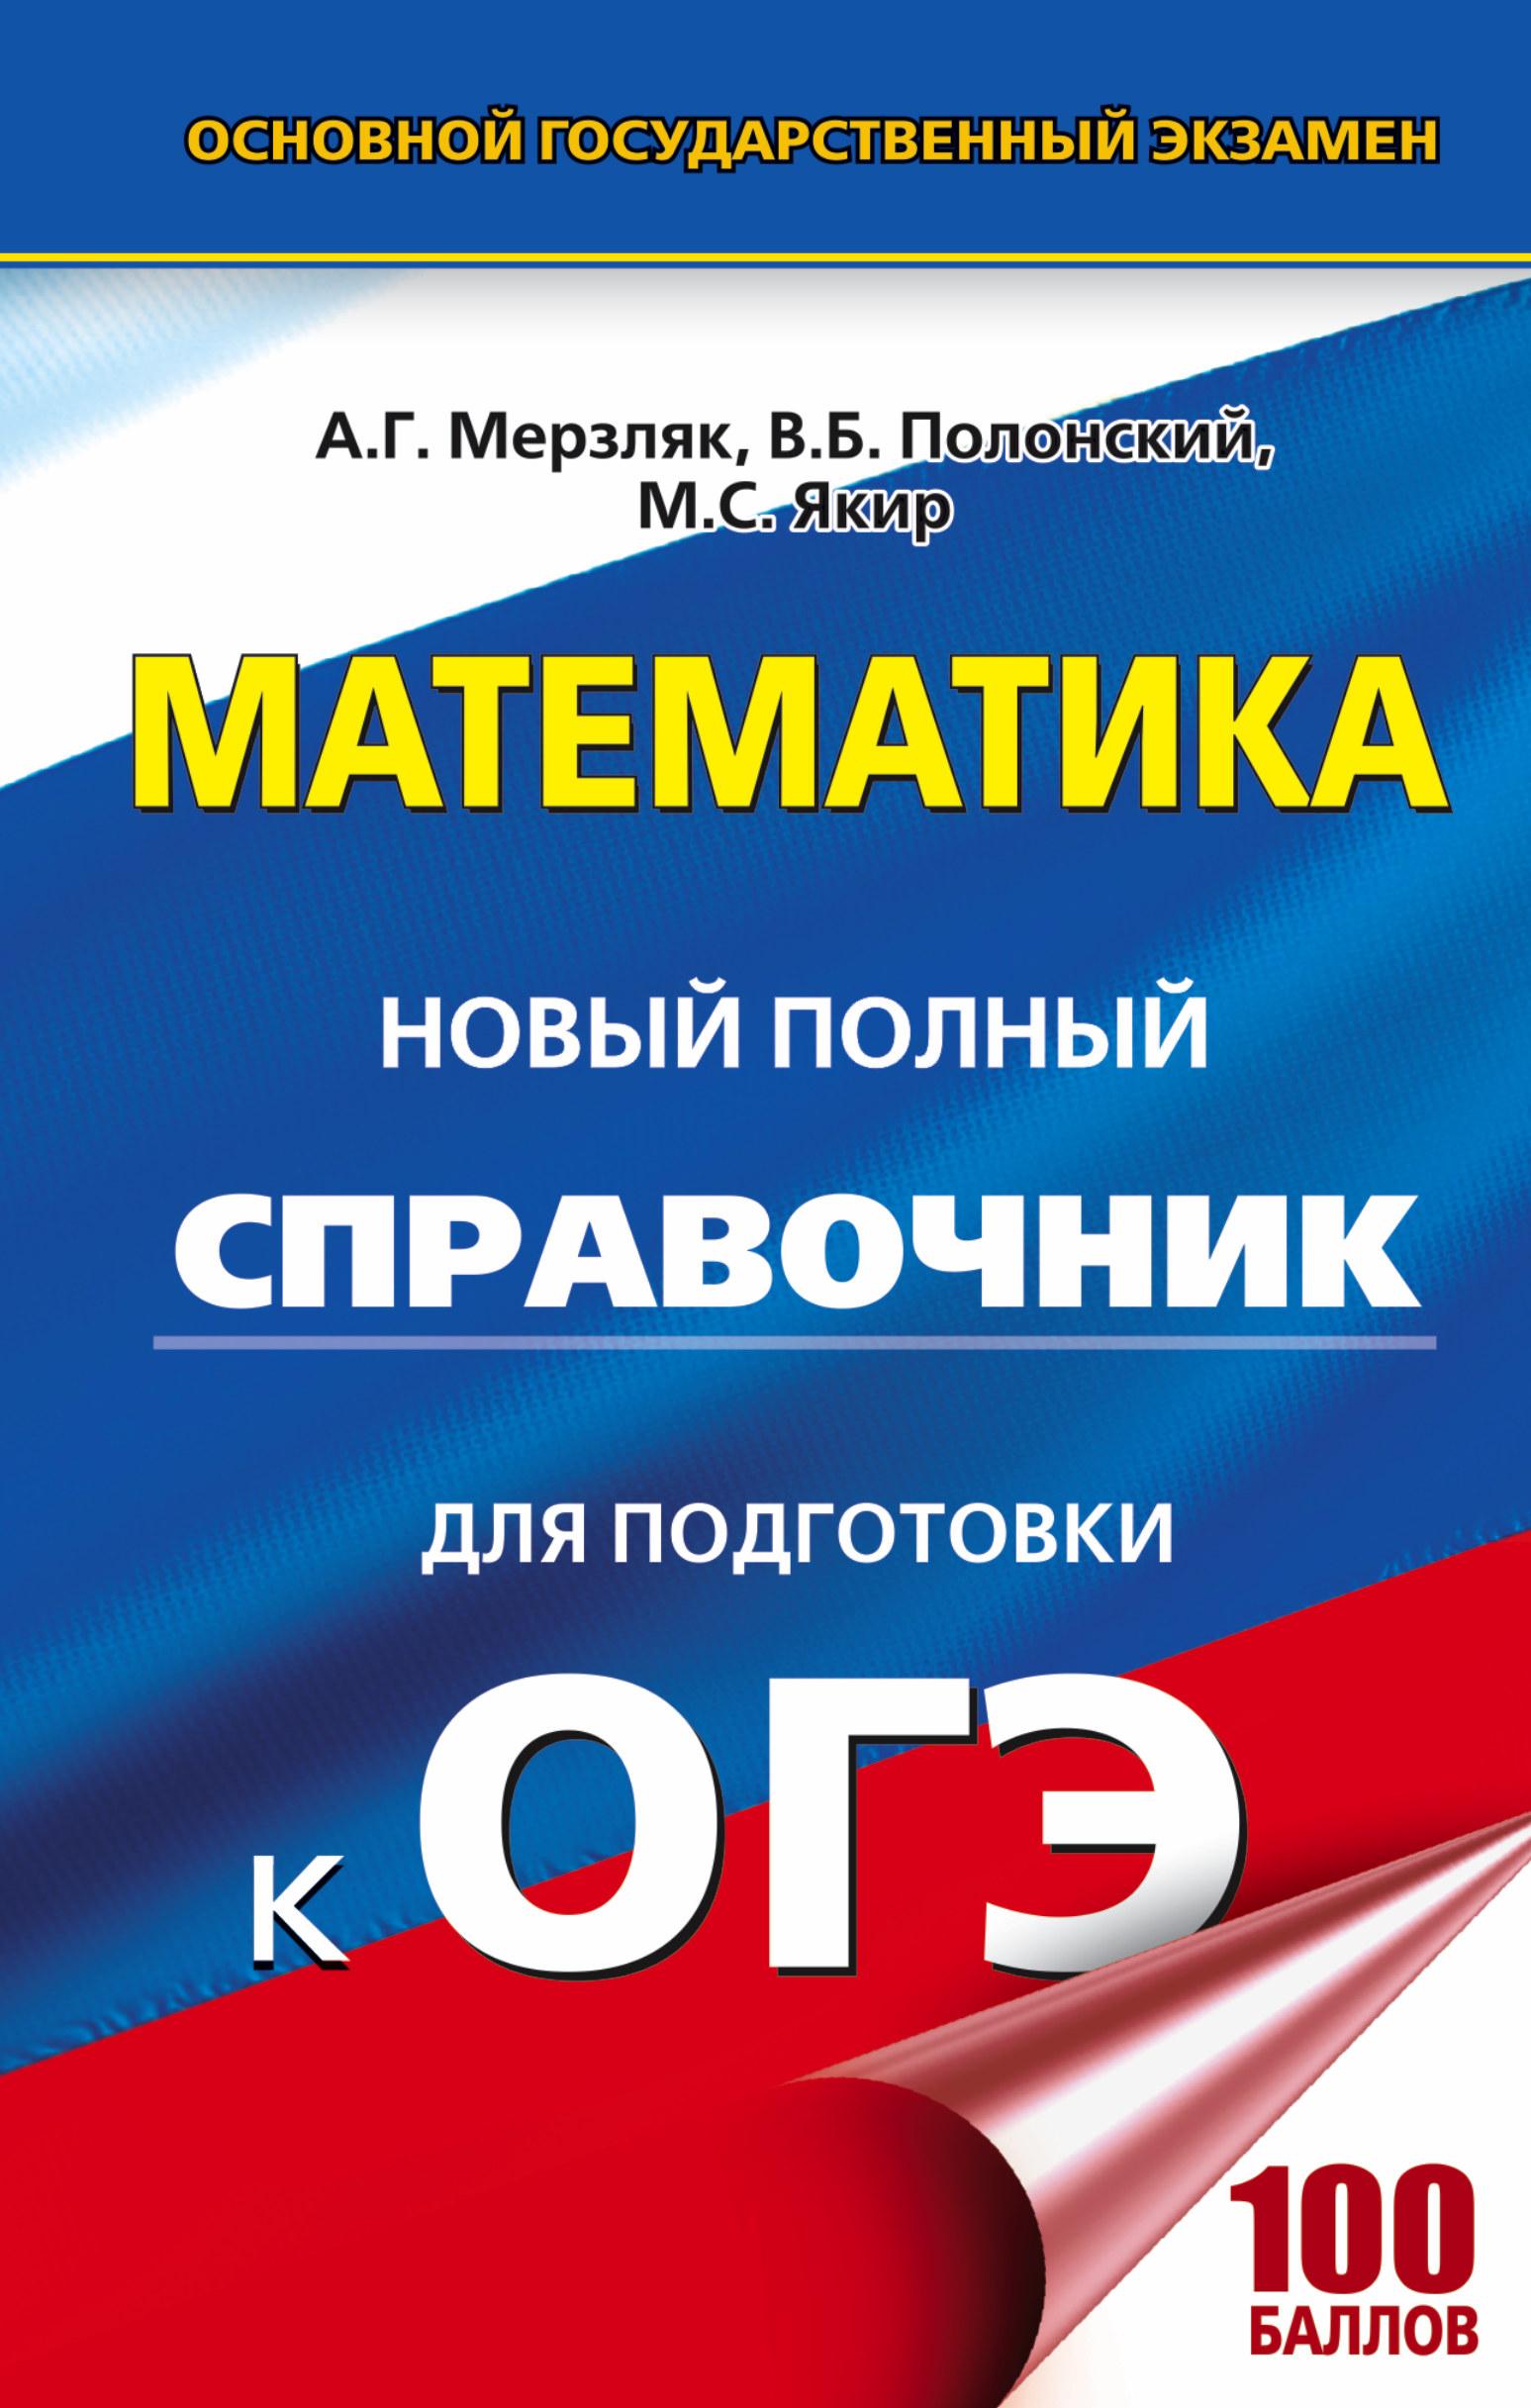 ОГЭ. Математика. Новый полный справочник для подготовки к ОГЭ от book24.ru